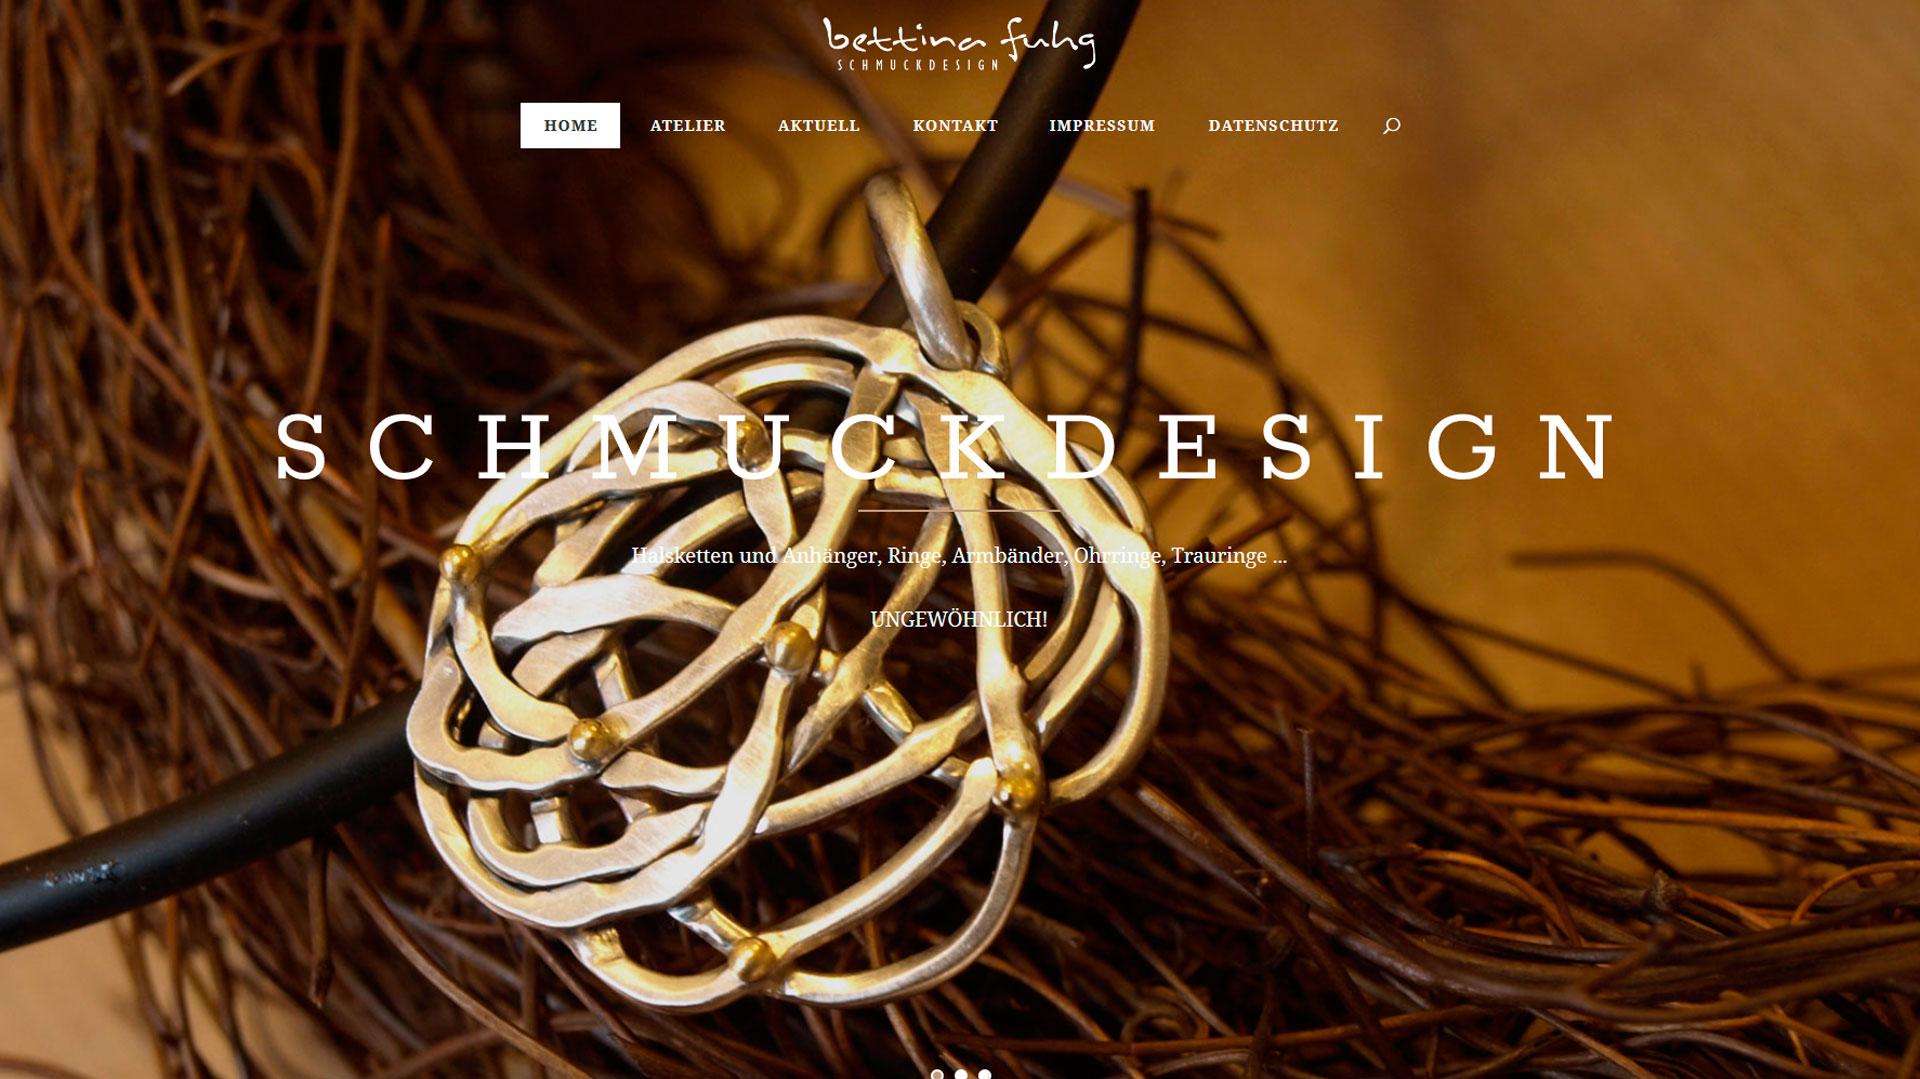 Neue Webseite, Bettina Fuhg, Schmuck Minden